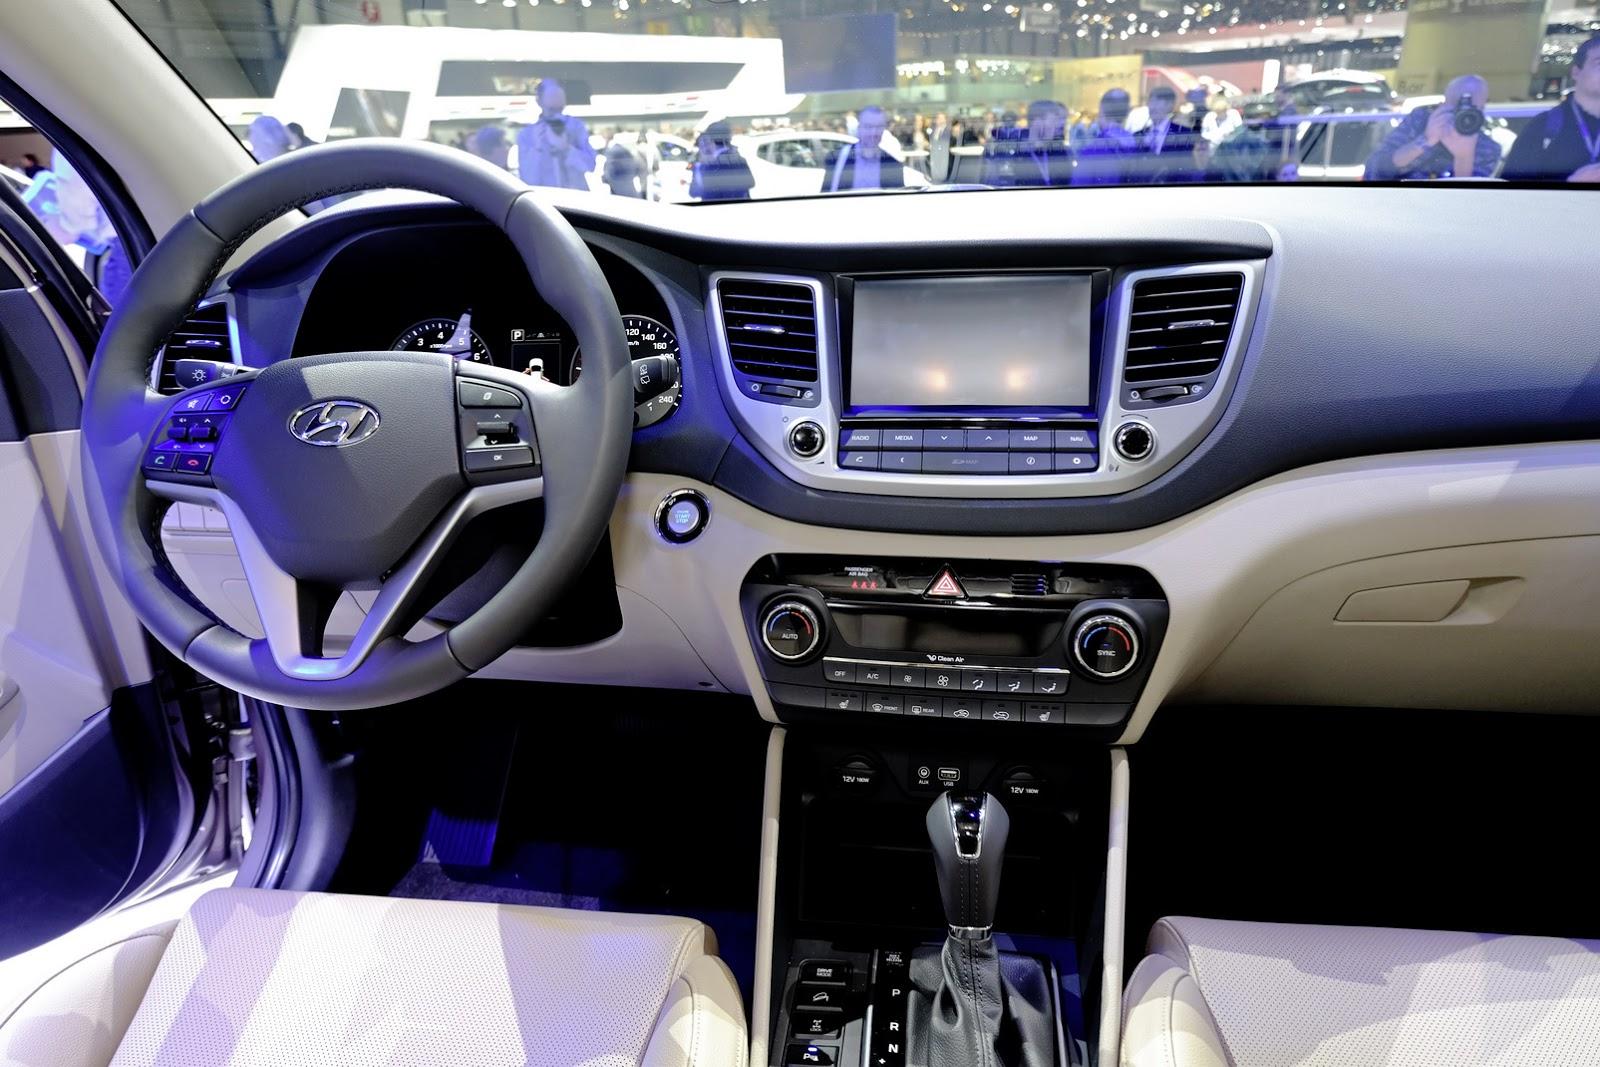 2016 Hyundai Tucson Ağustos Ta T 252 Rkiye De Satışa Sunulacak